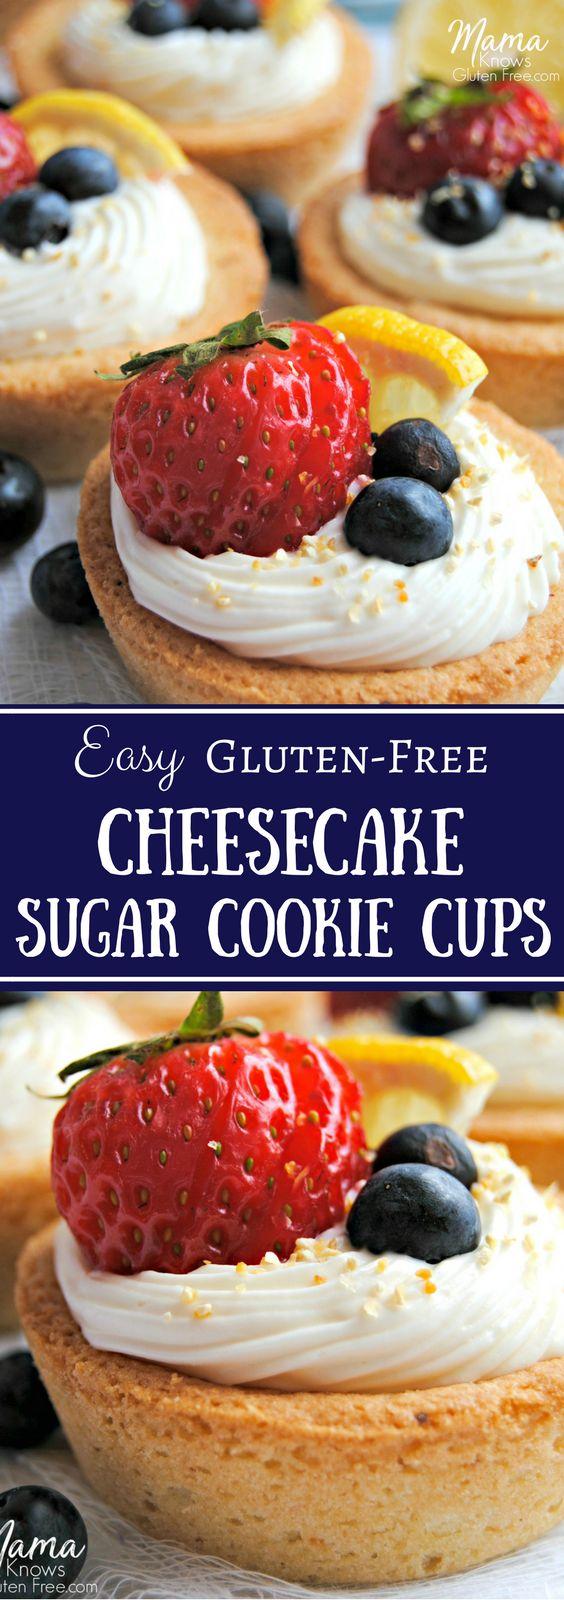 Gluten-Free Cheesecake Sugar Cookie Cups   mamaknowsglutenfree.com